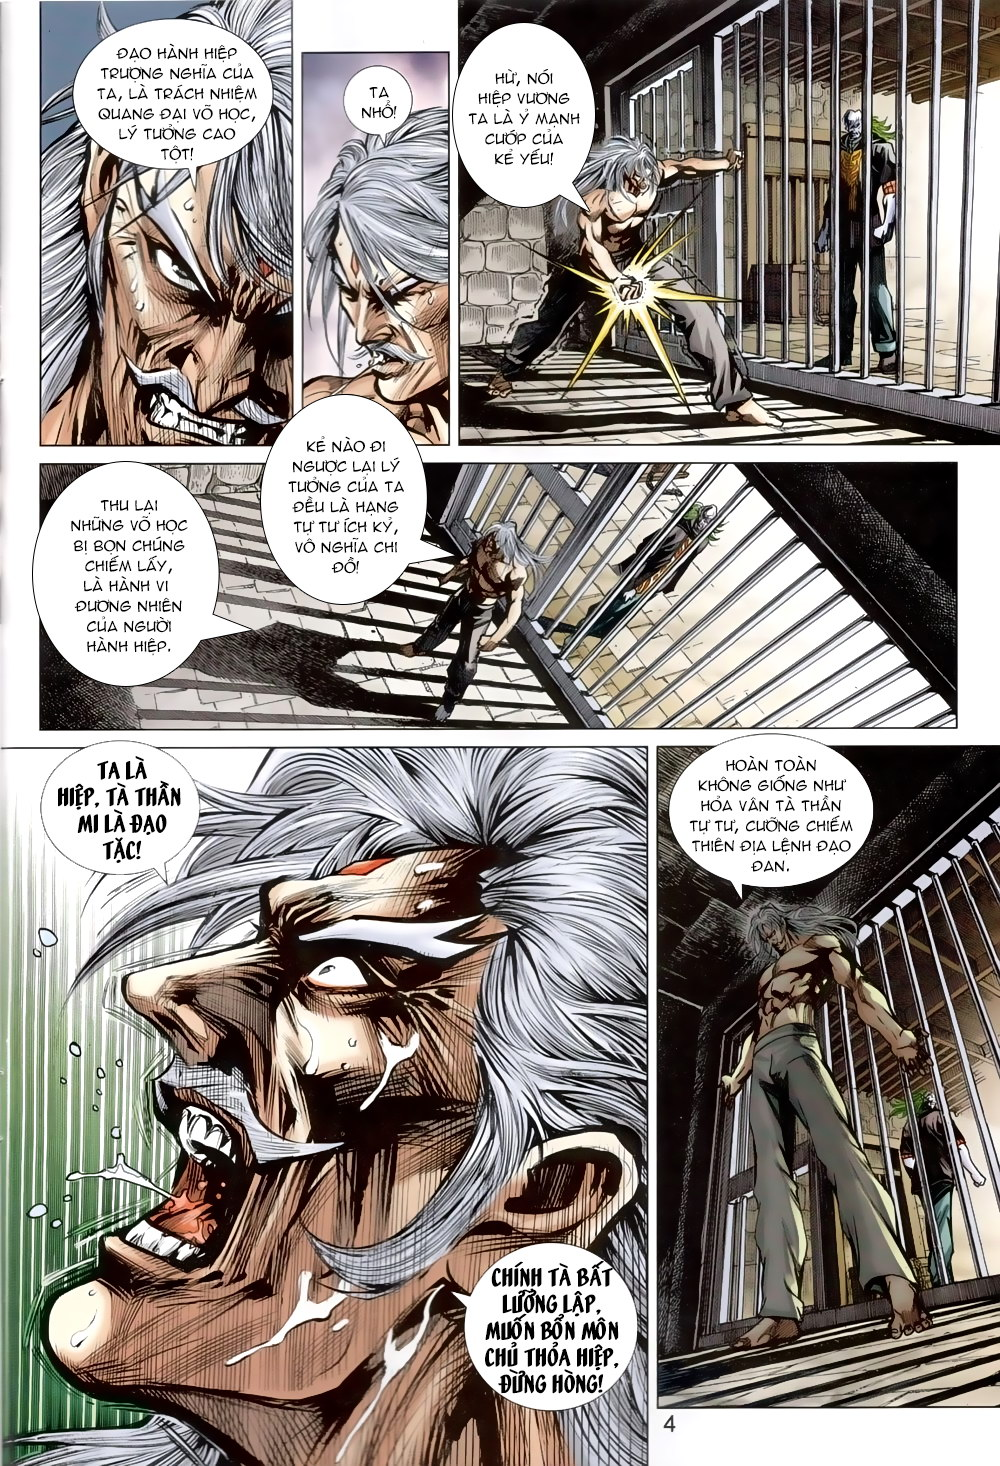 Tân Tác Long Hổ Môn chap 819 Trang 4 - Mangak.info